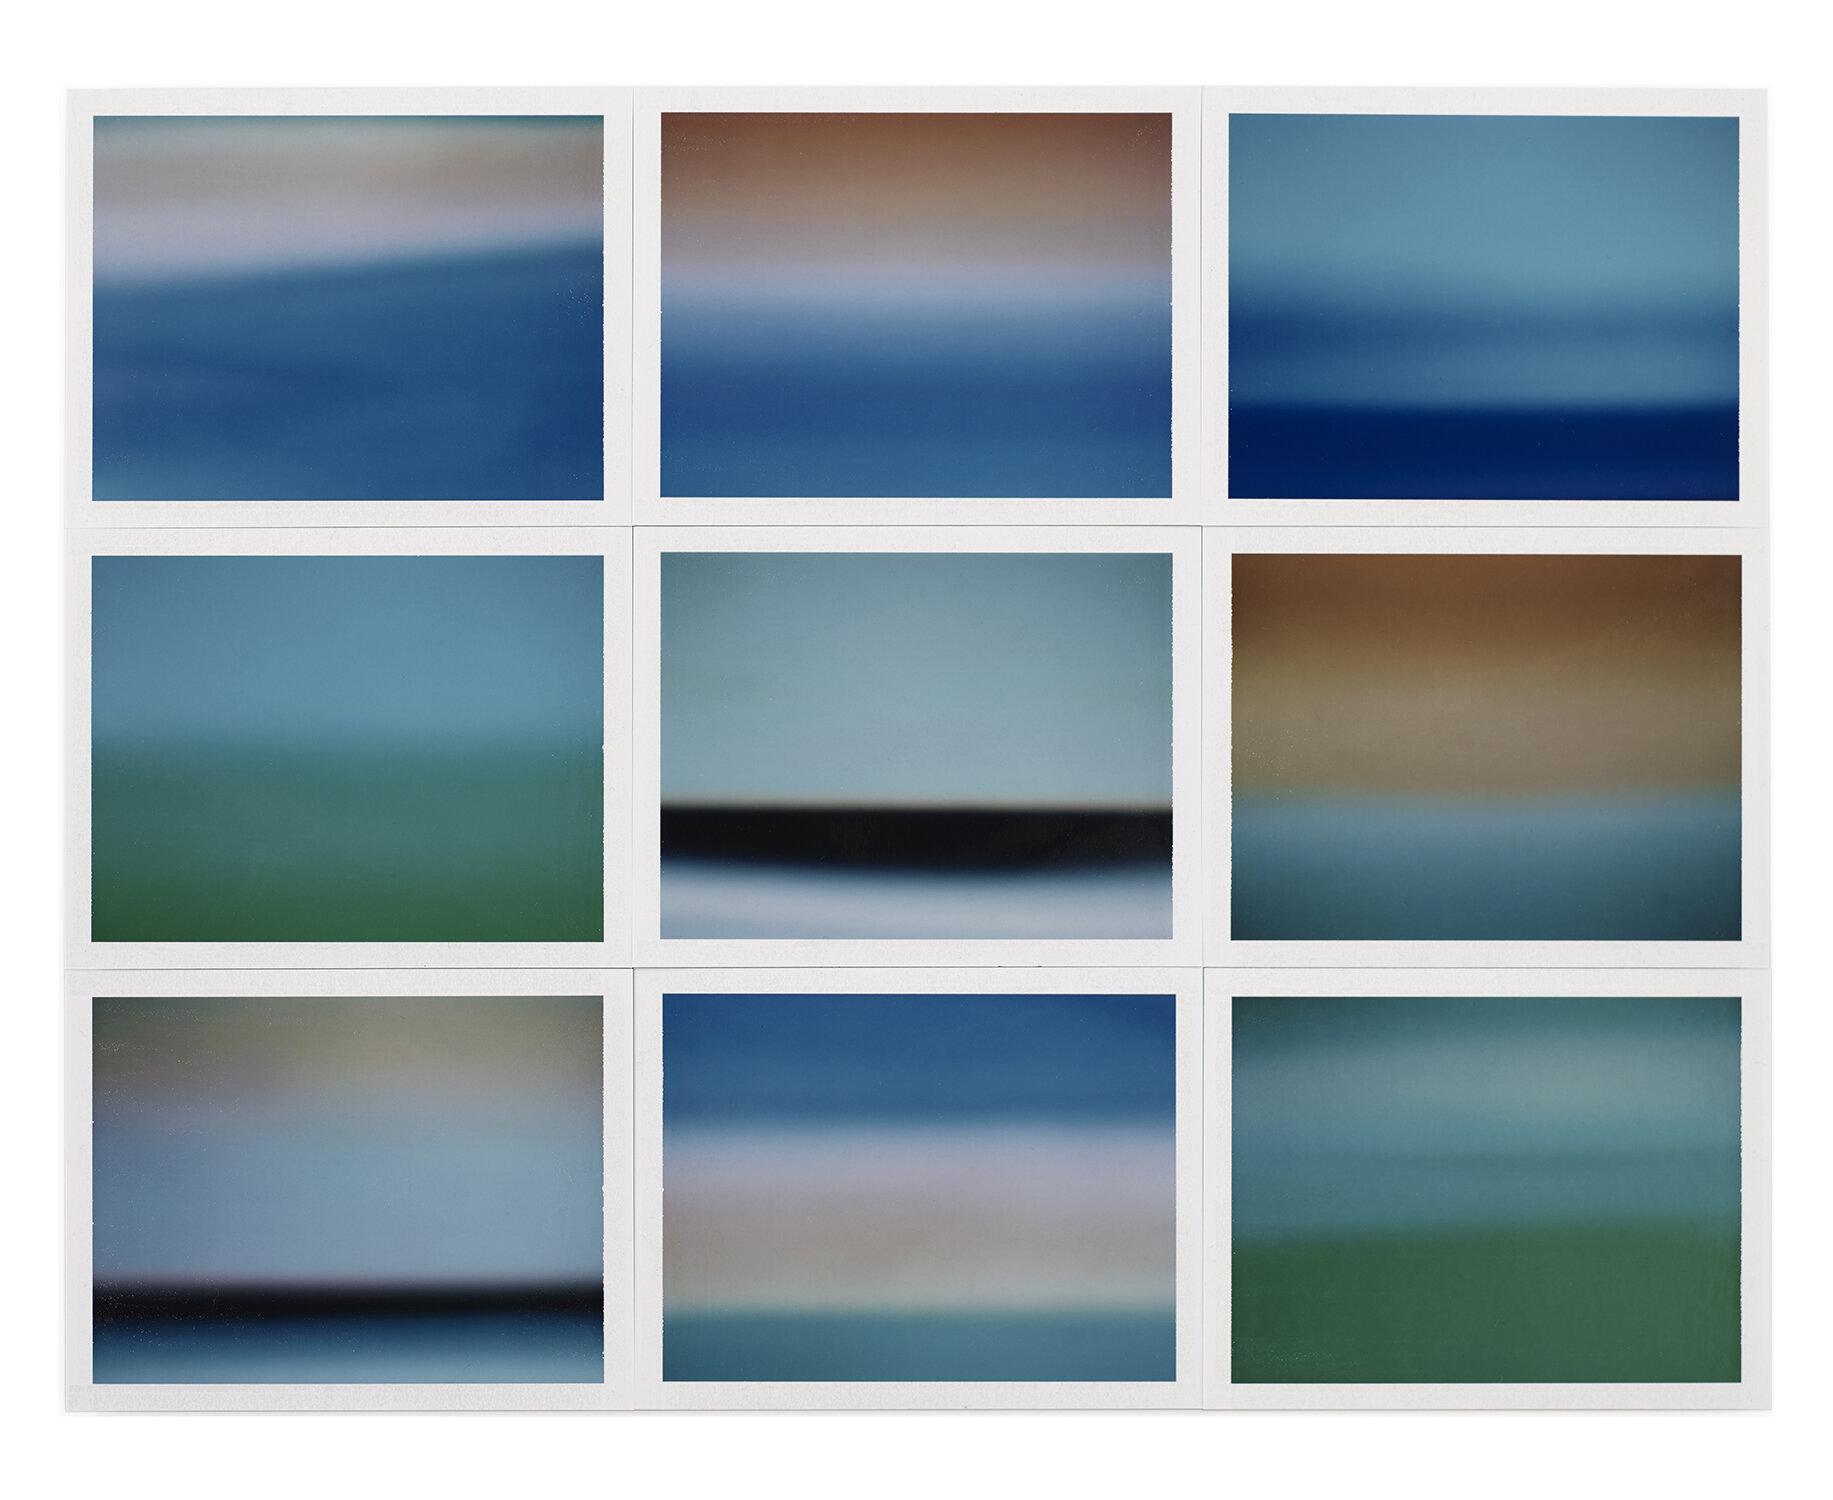 Thomas Paquet - Horizon, étude couleur #1, 2015